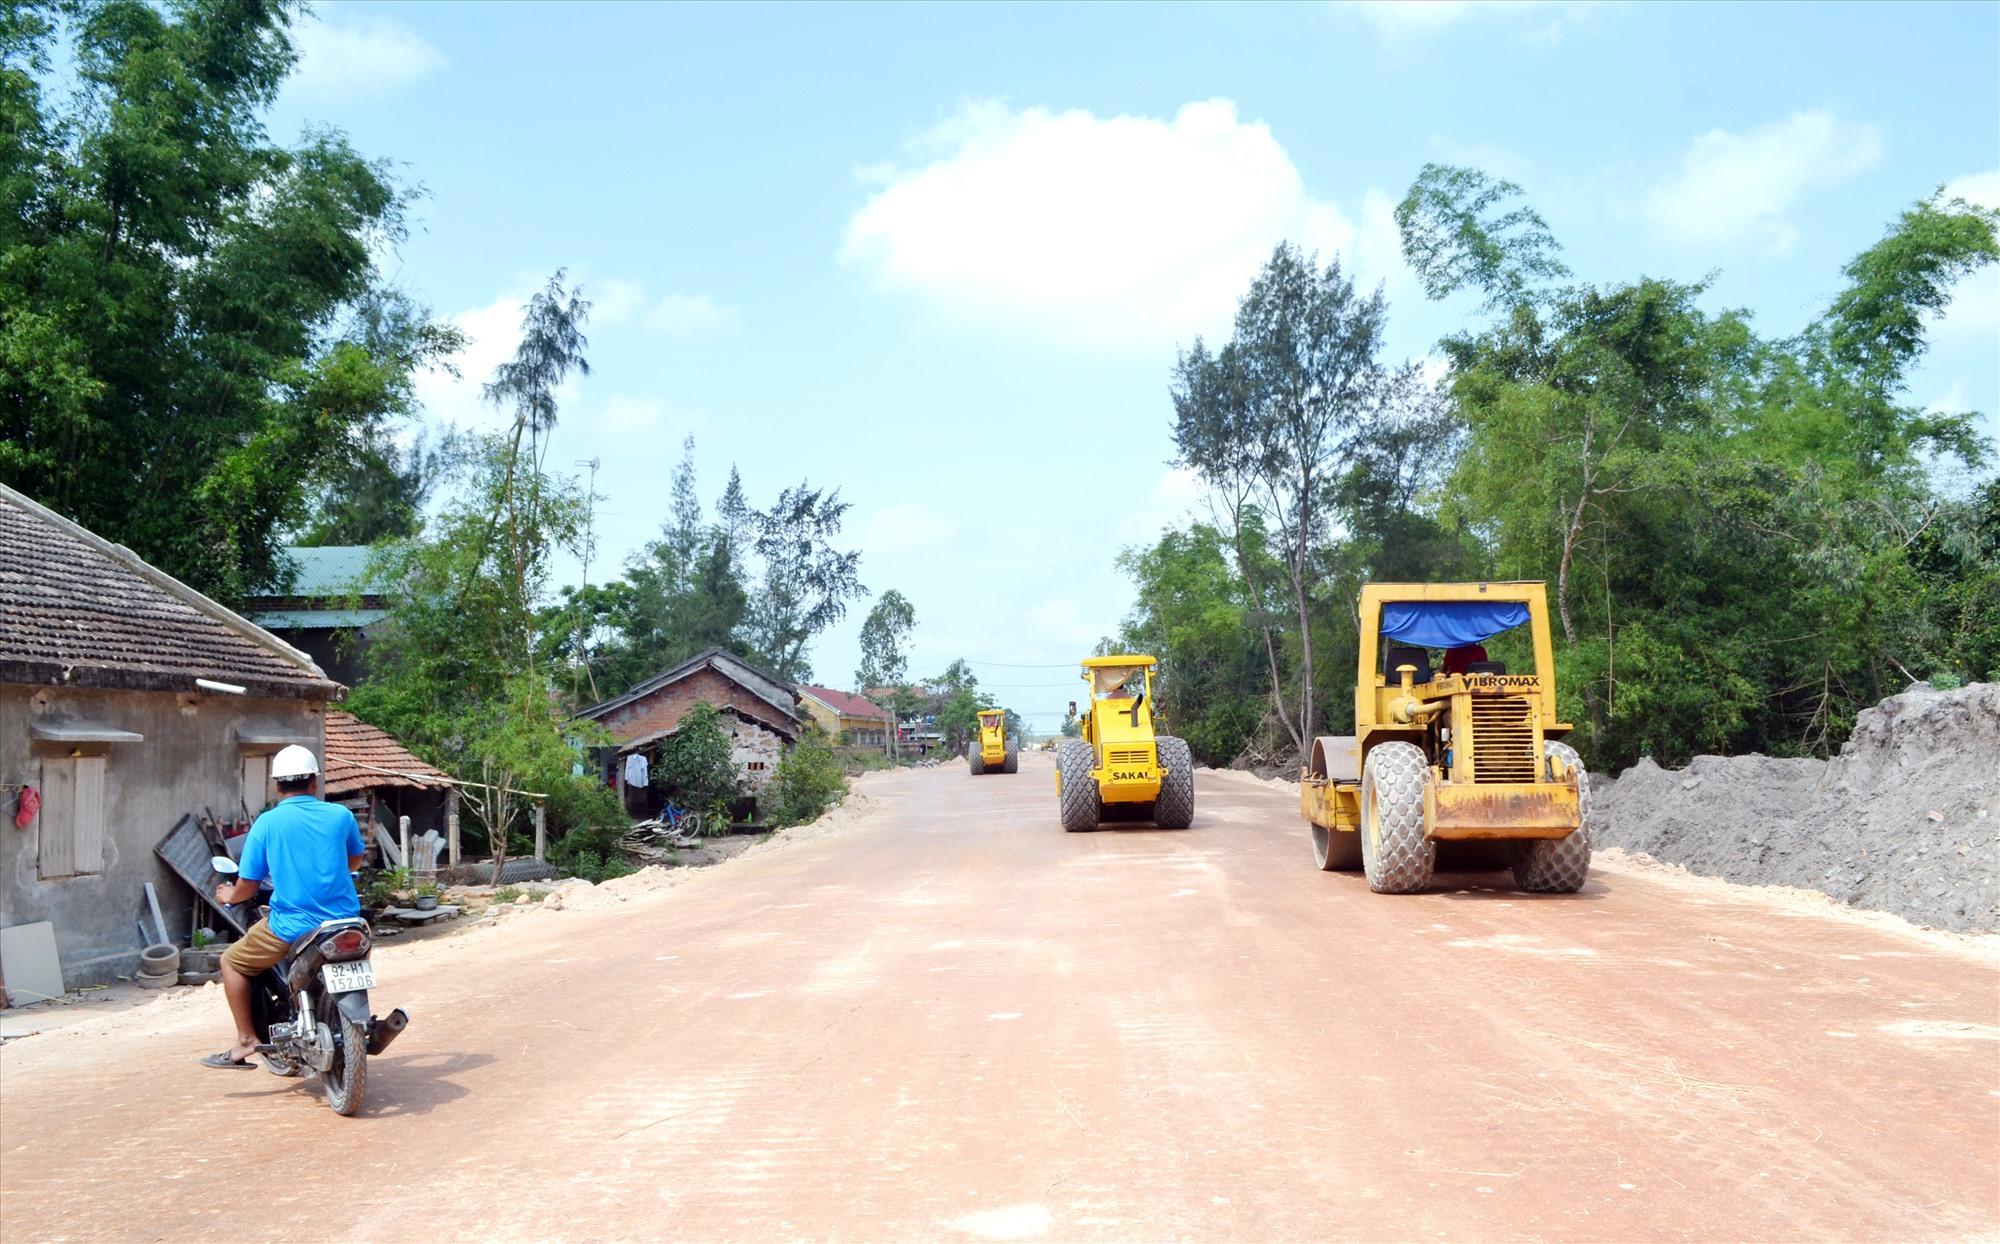 Huyện Thăng Bình chú trọng đầu tư xây dựng hạ tầng giao thông. Ảnh: VIỆT NGUYỄN